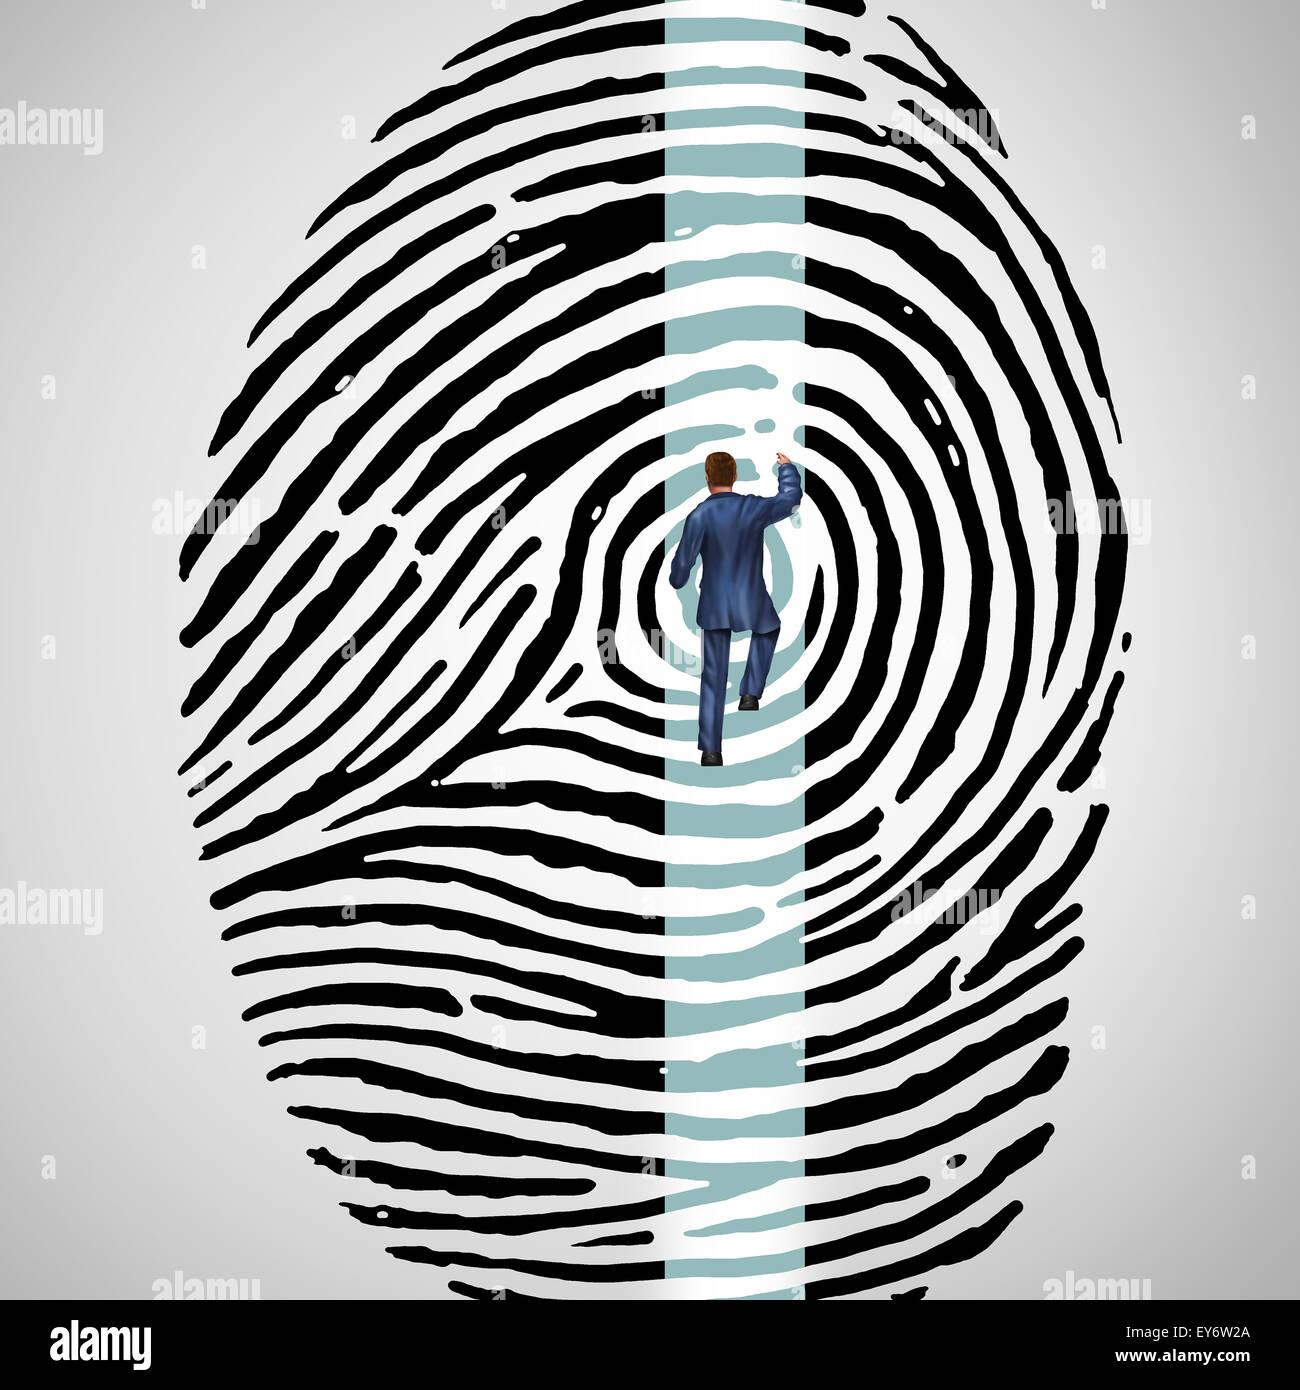 Persönliche Herausforderung Sicherheitskonzept als Person klettern einen Fingerabdruck oder Fingerabdruck als Stockbild